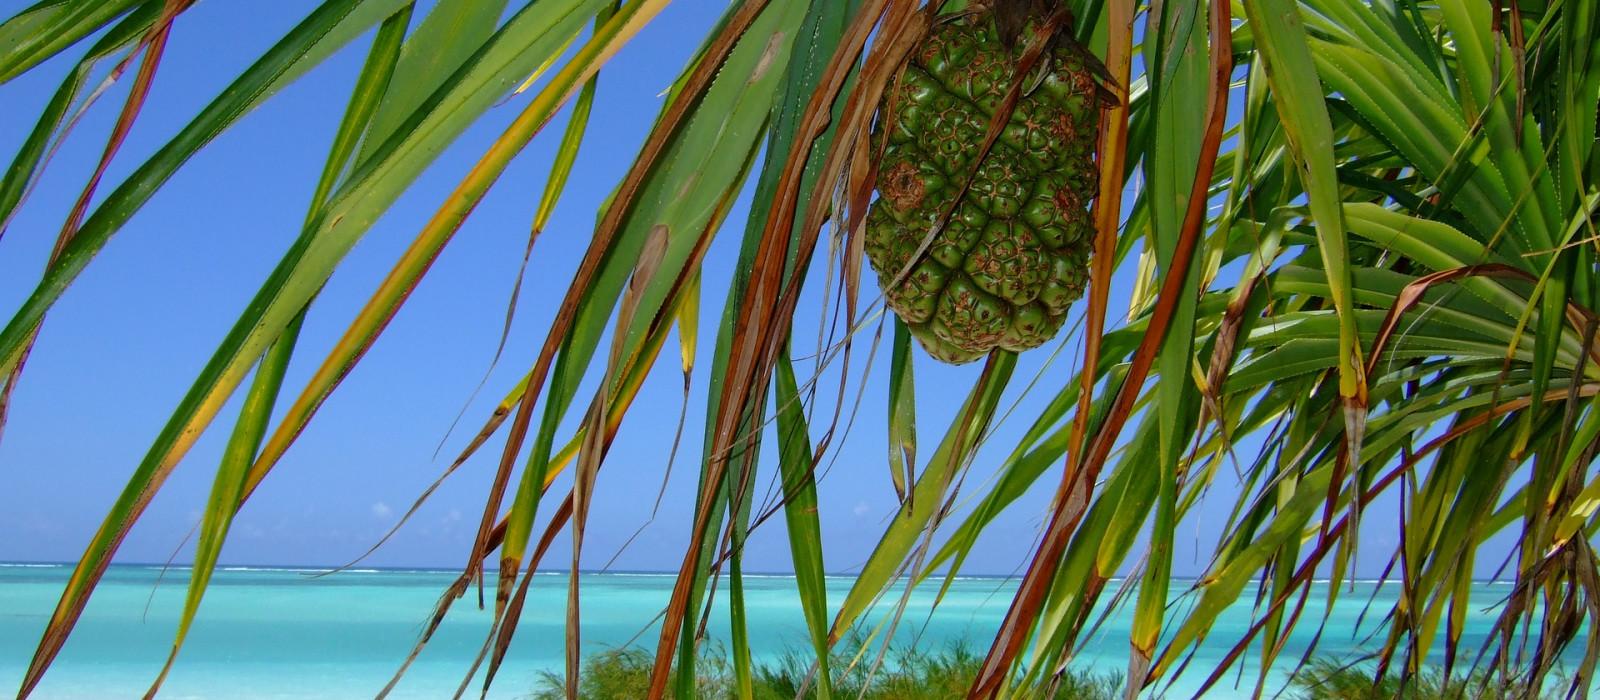 Blick durch Palmenblätter auf türkisblaues Wasser und Sandstrand auf Sansibar, Afrika